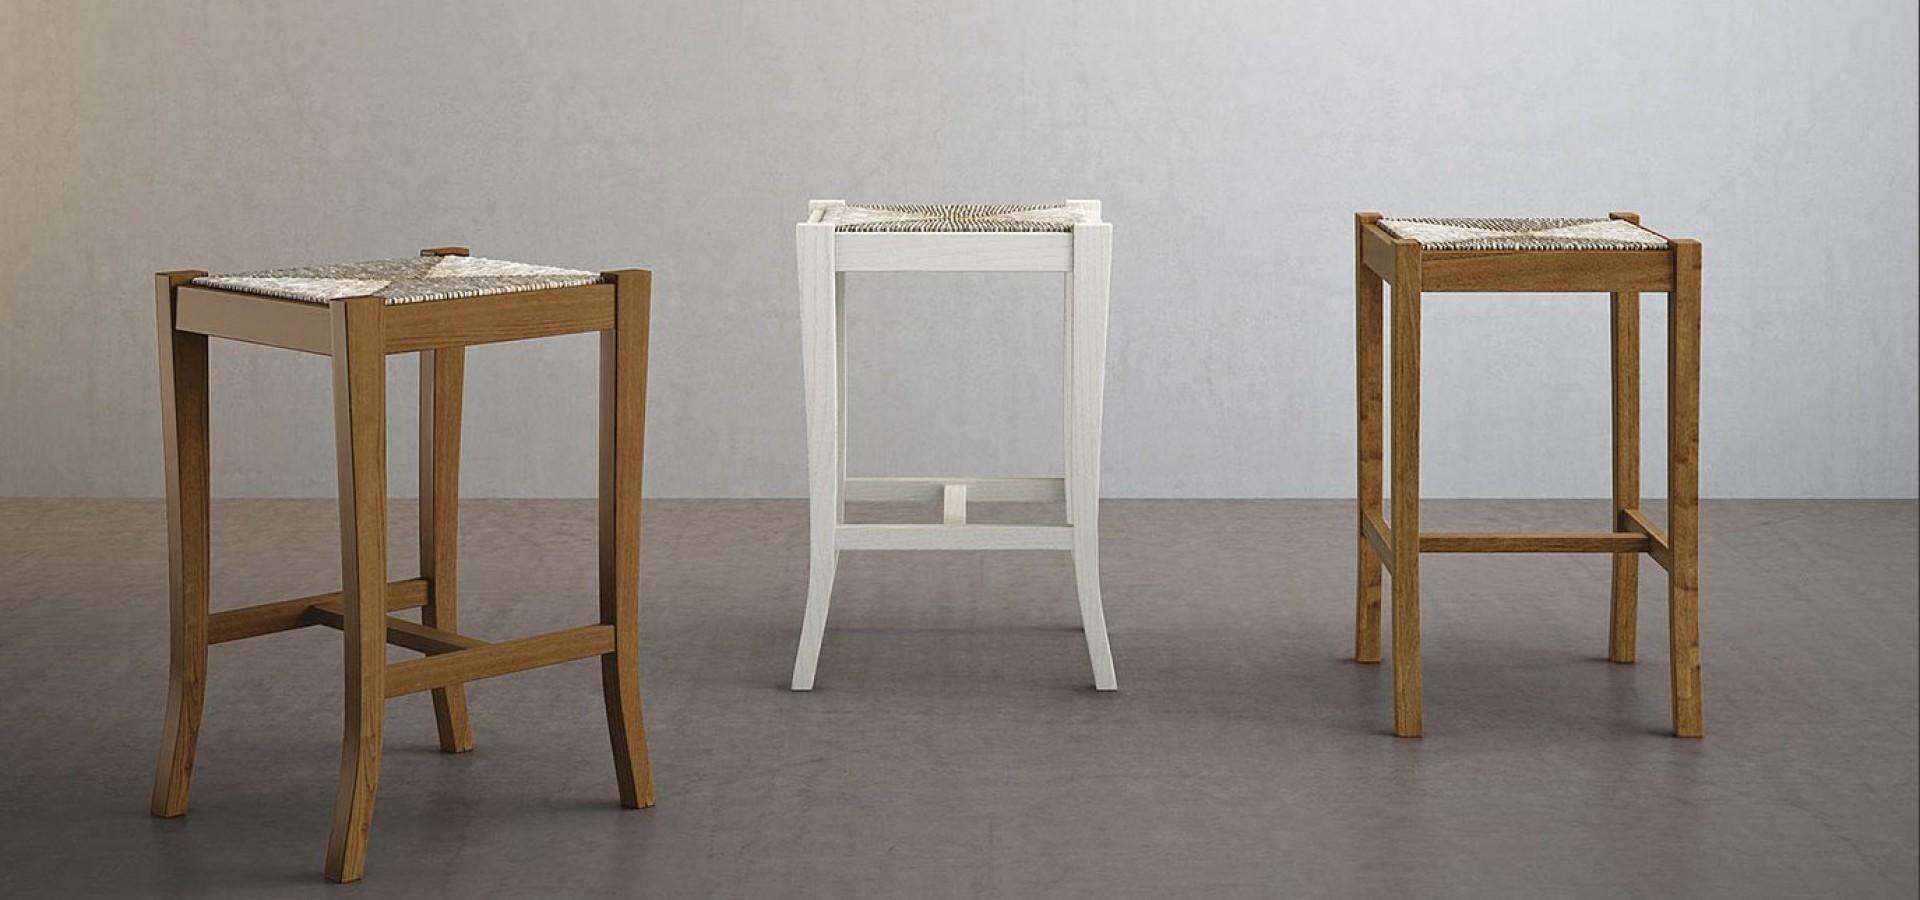 Итальянский стул Барный табурет 412 | Стул Барный табурет 412 ARREDO3